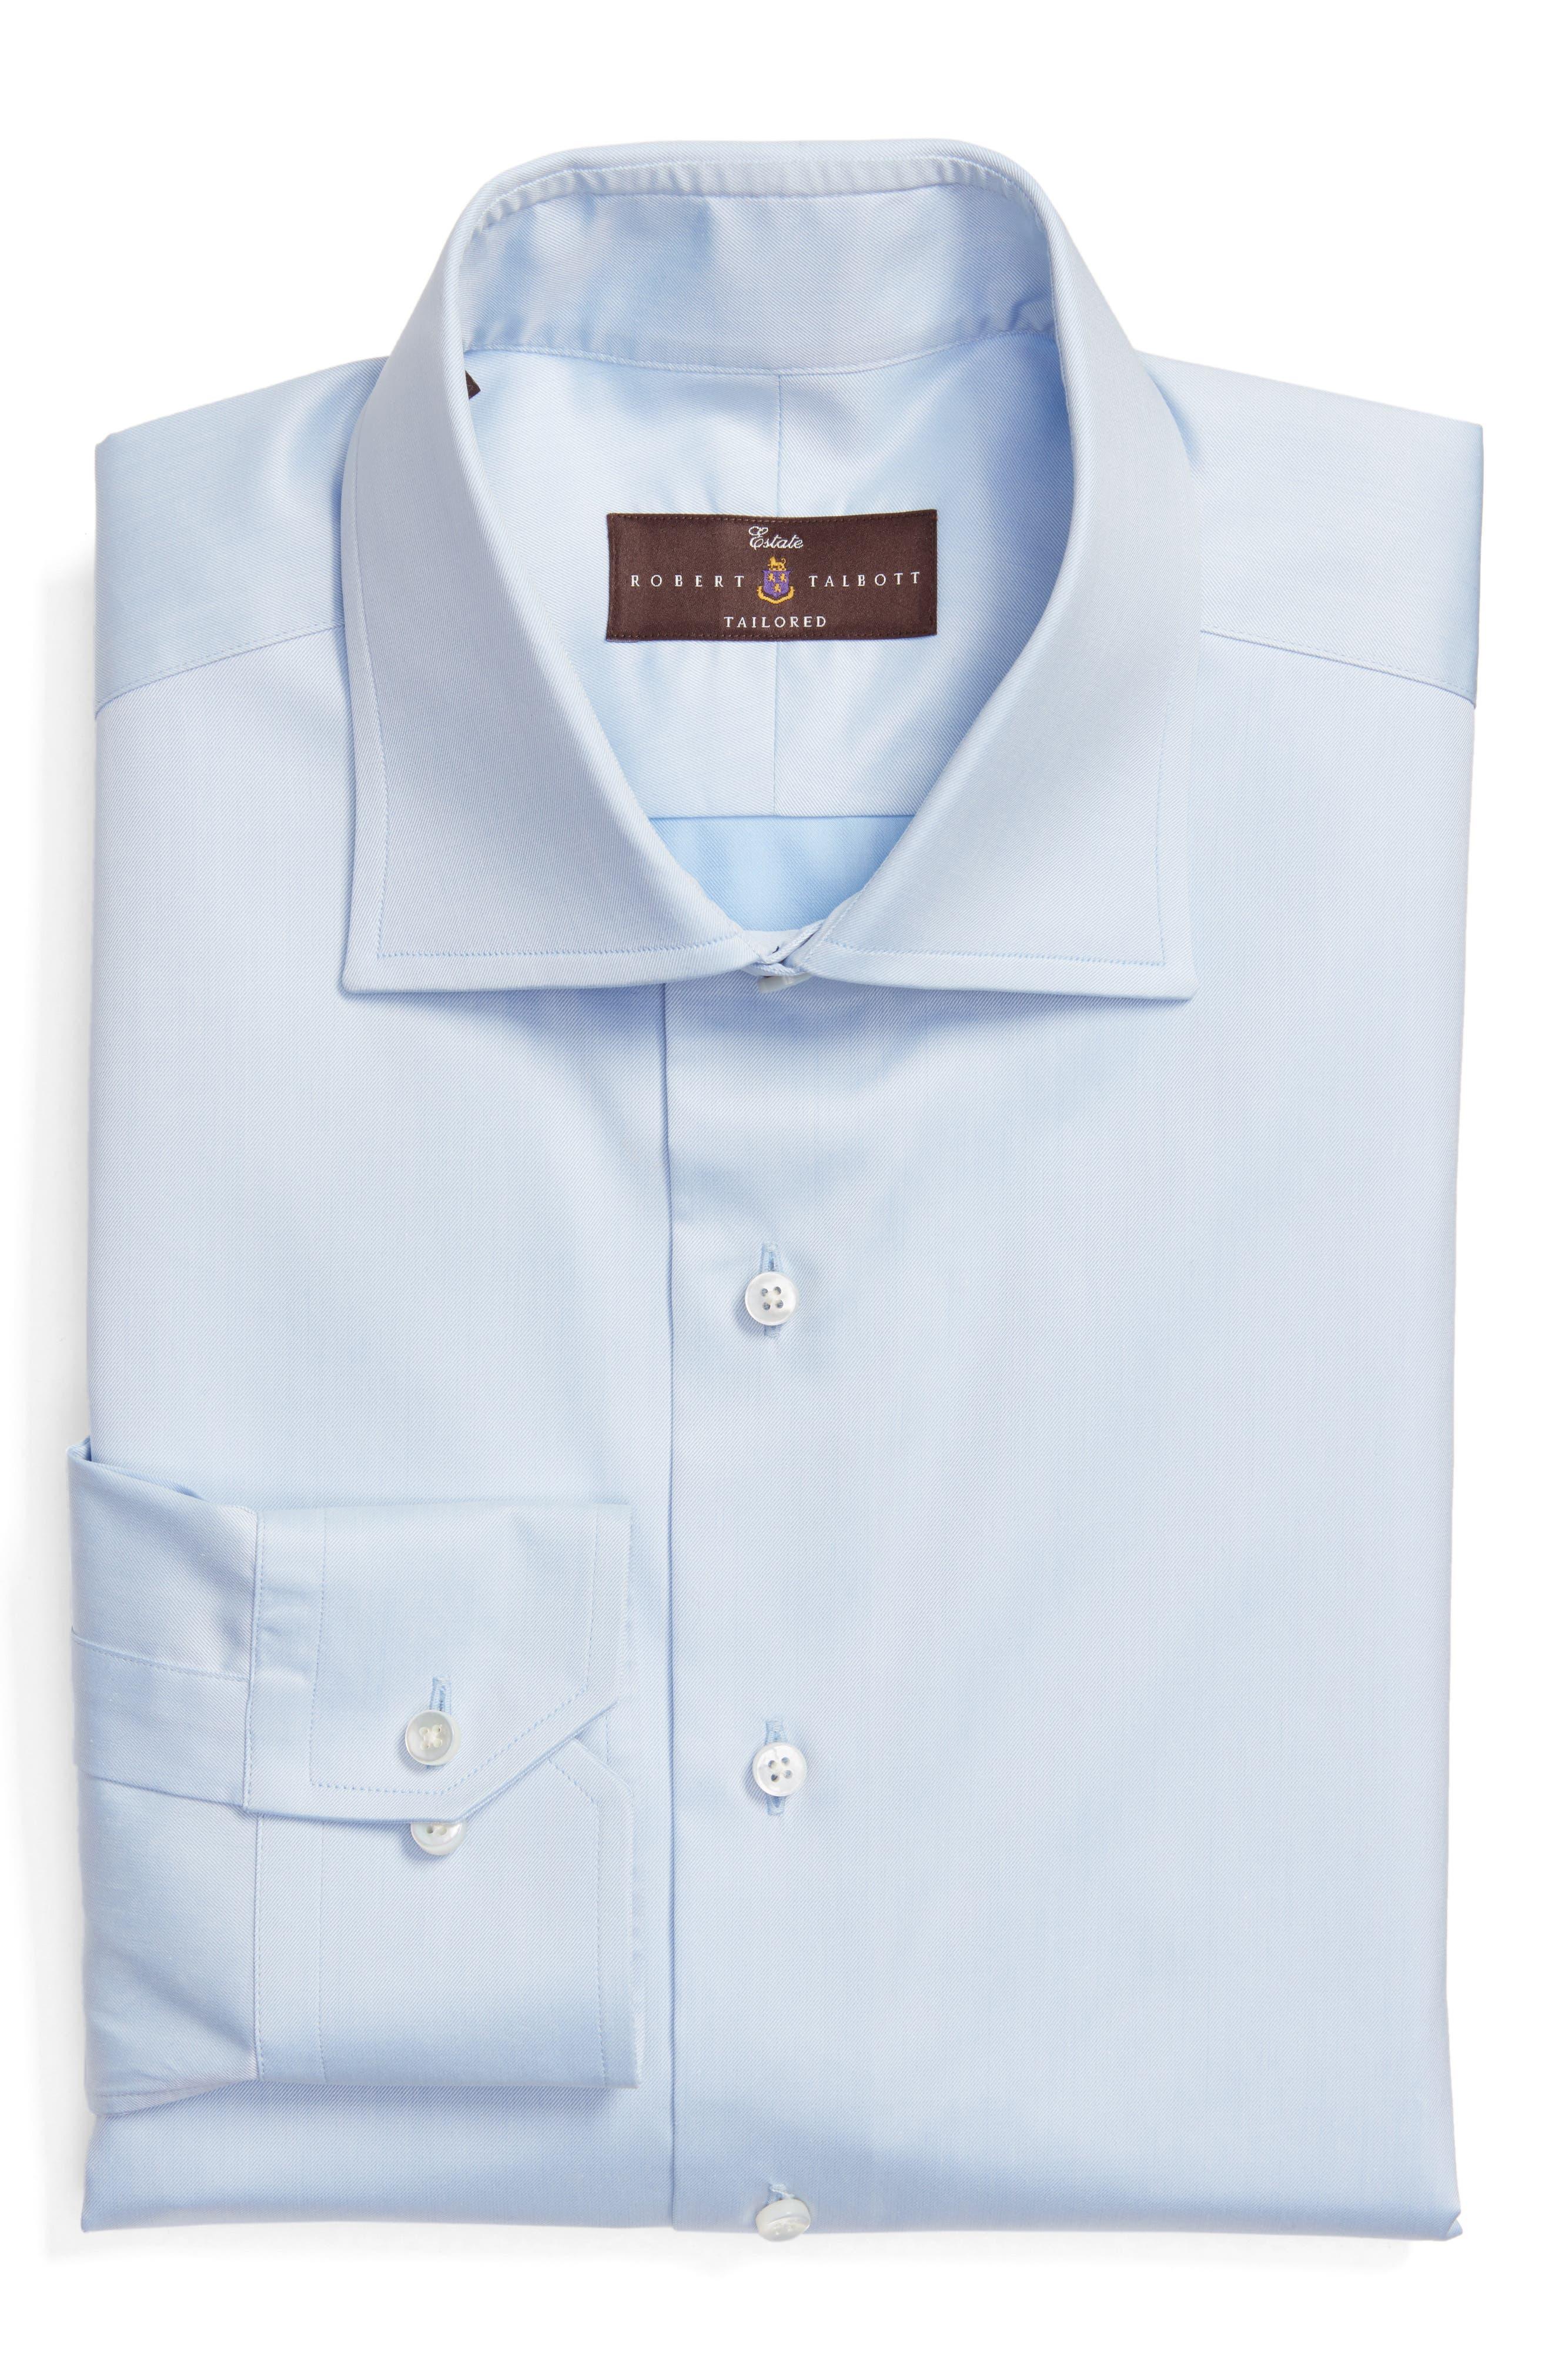 Robert Talbott Tailored Fit Solid Dress Shirt